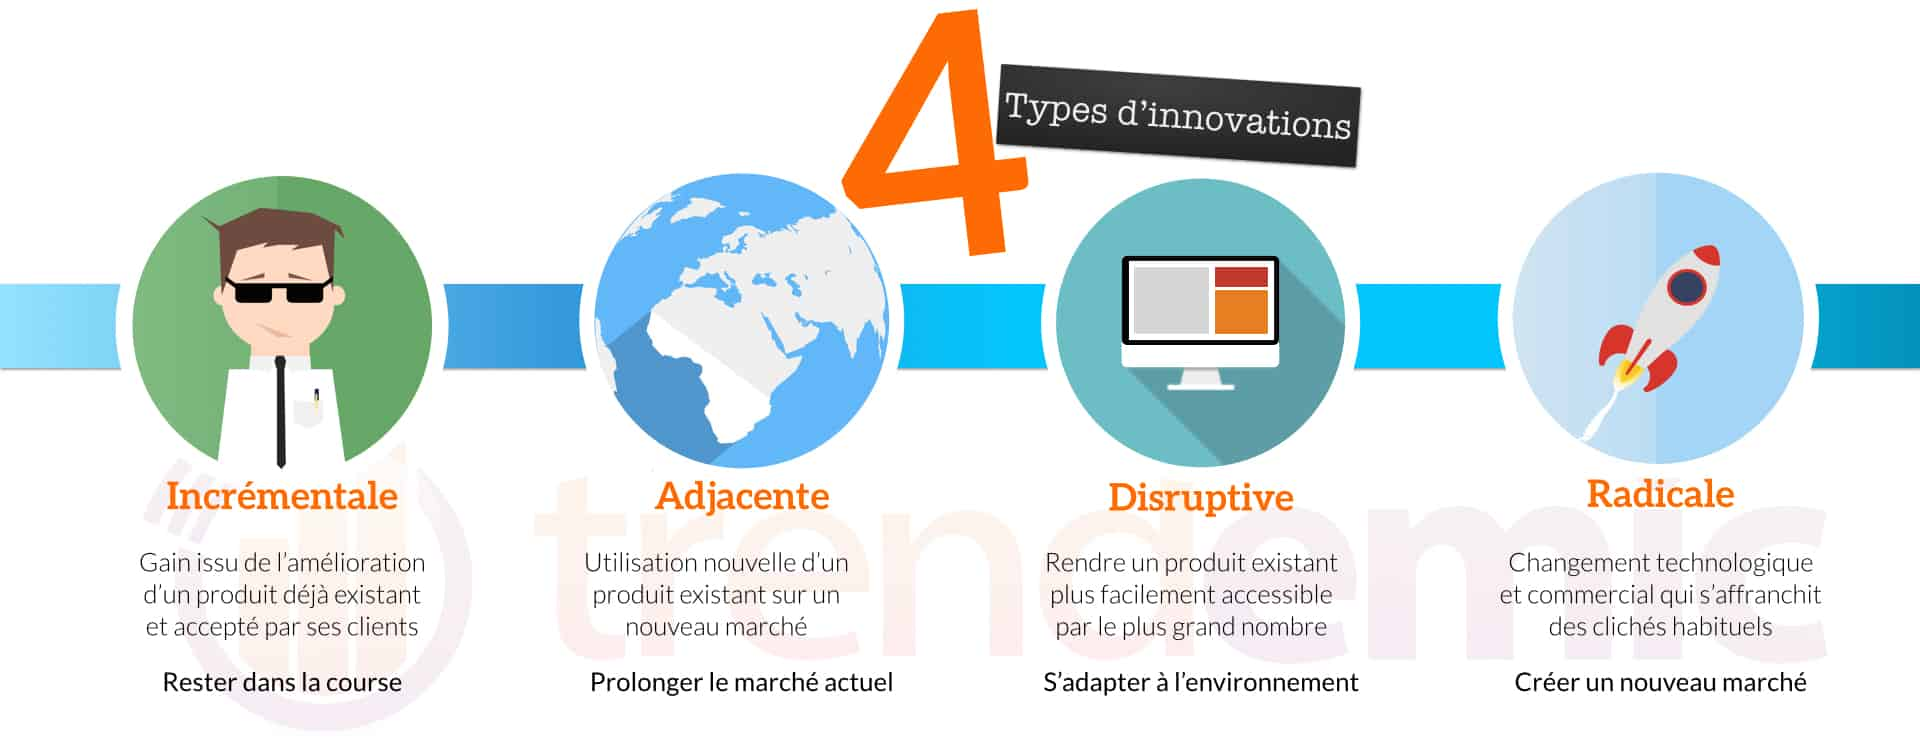 Les 4 types d'innovations qui sauveront votre entreprise